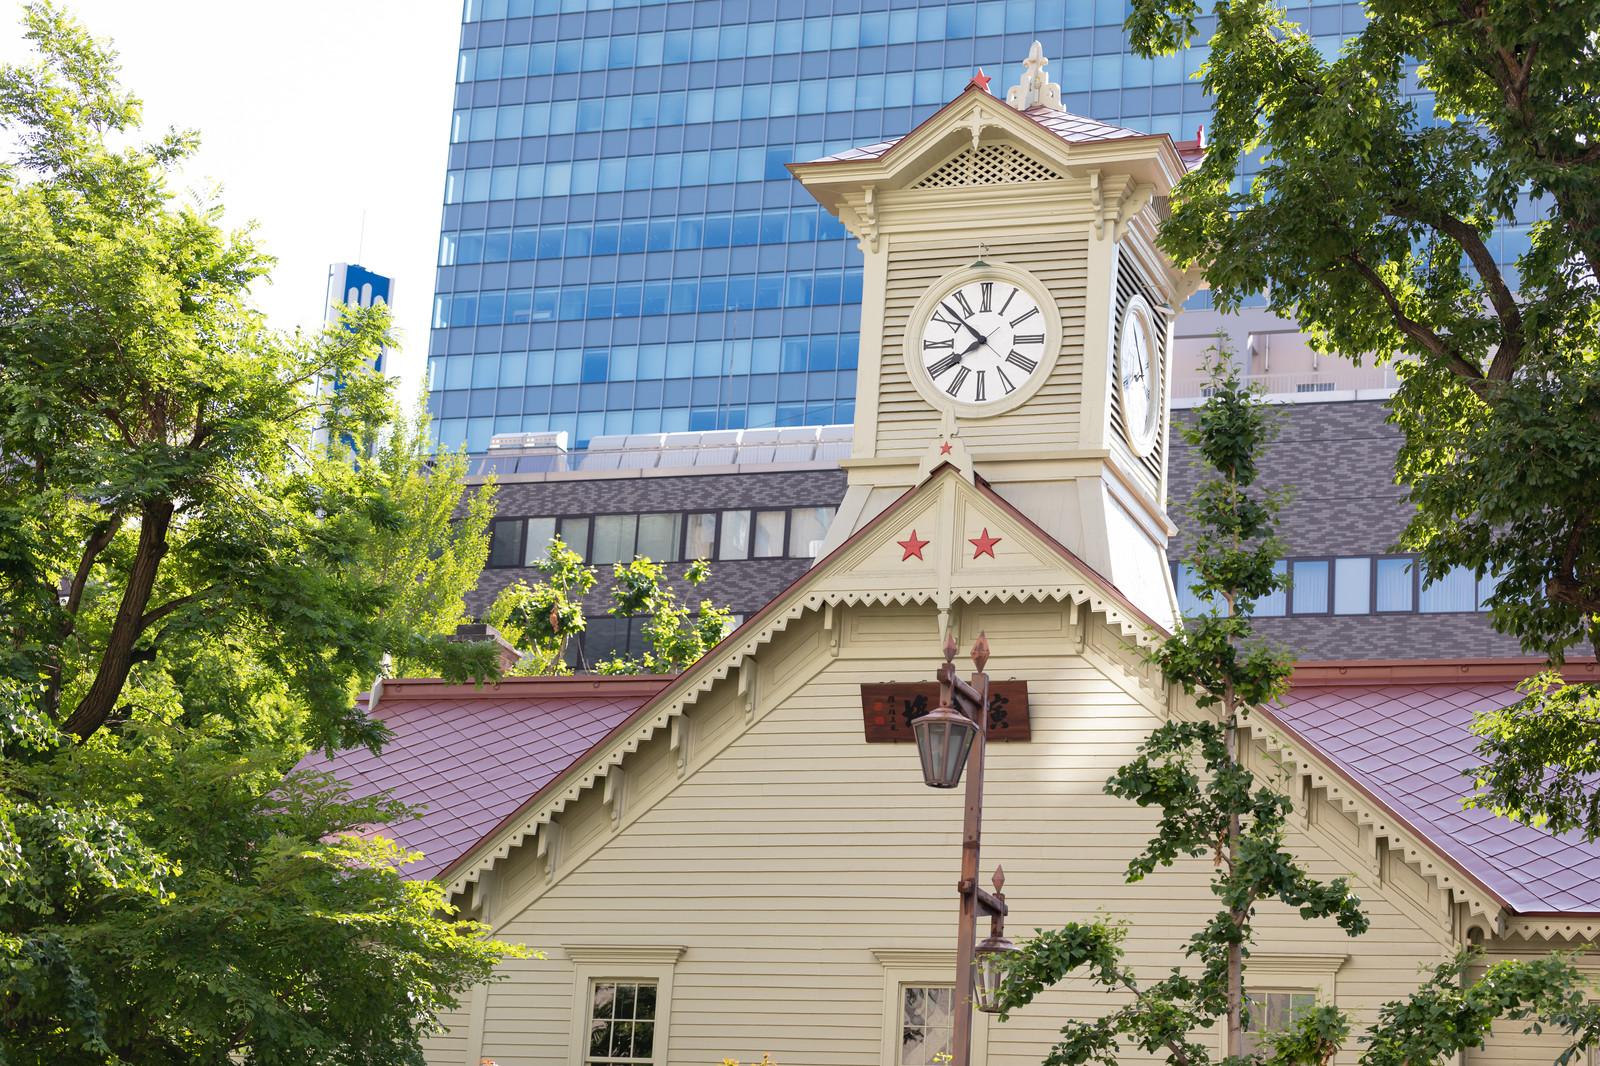 札幌で高級ホテルはどこ?芸能人が泊まるホテルは?